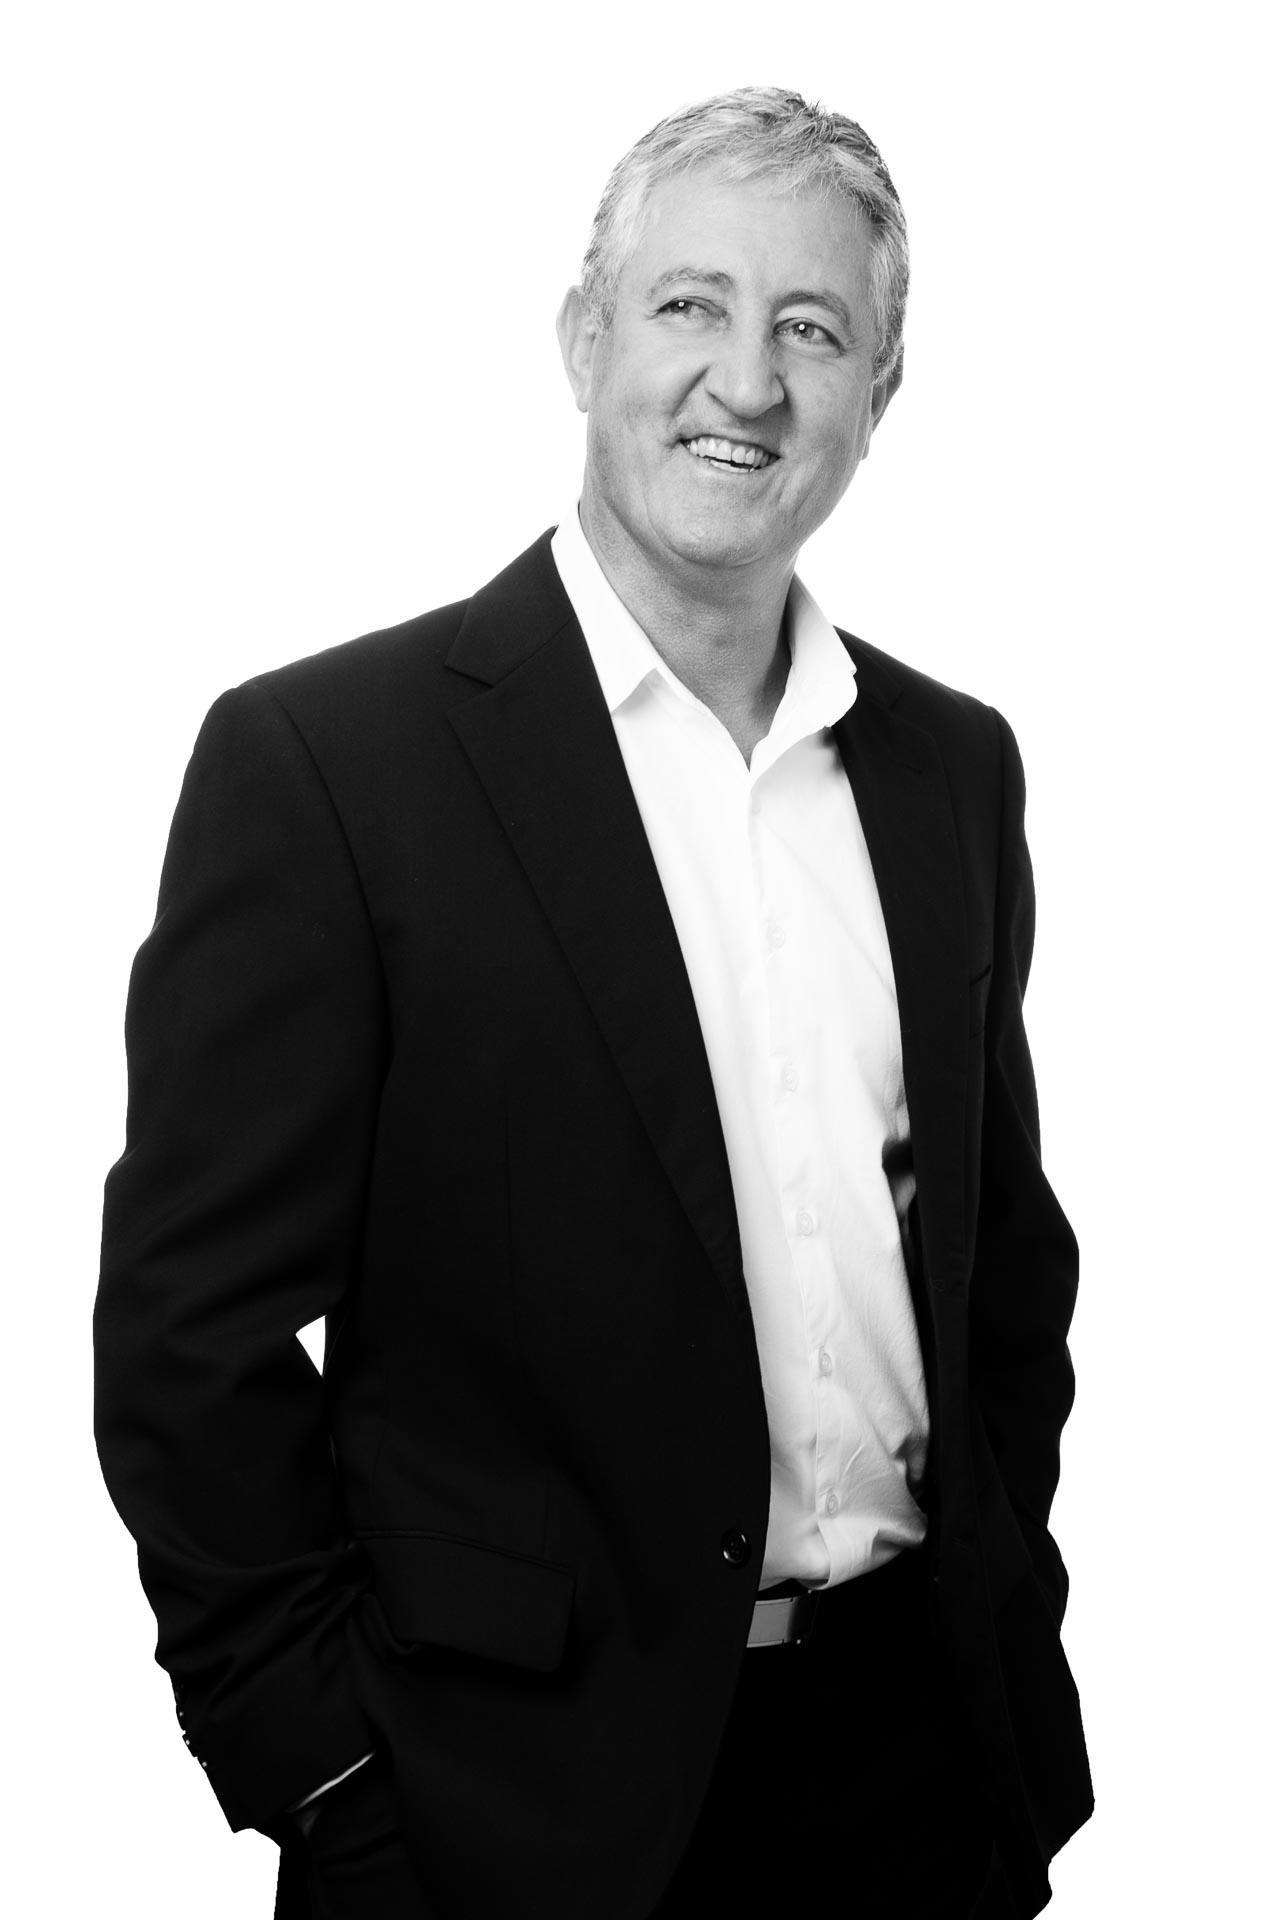 Dirk Jooste